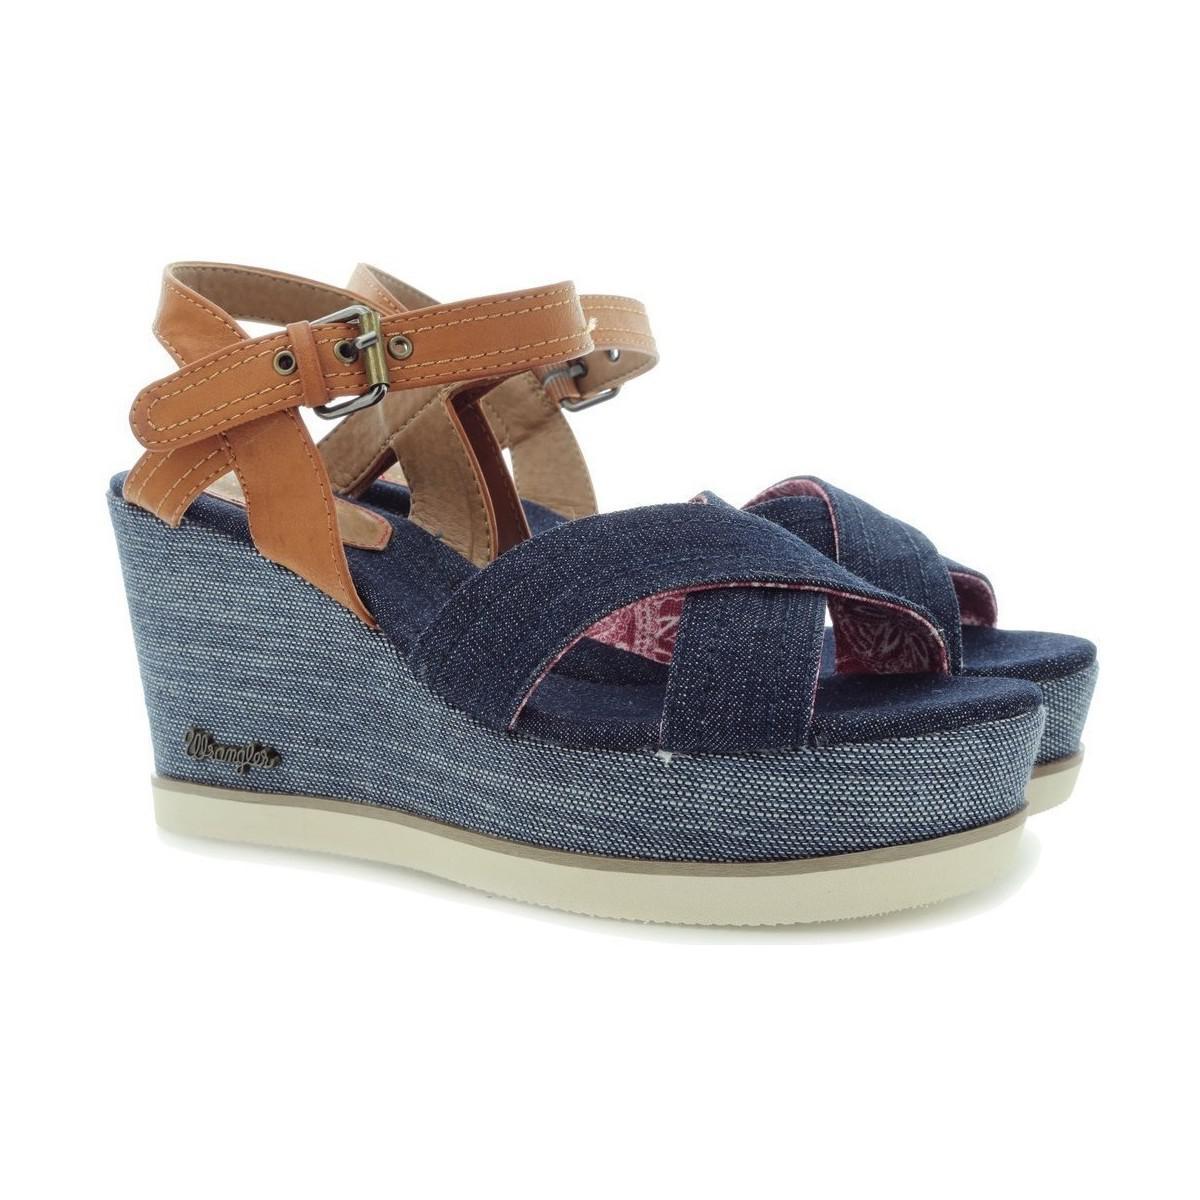 Cheap Sale From China Inexpensive Wrangler Jeena Indigo Cross WL171680 women's Sandals in awg66YKqTi